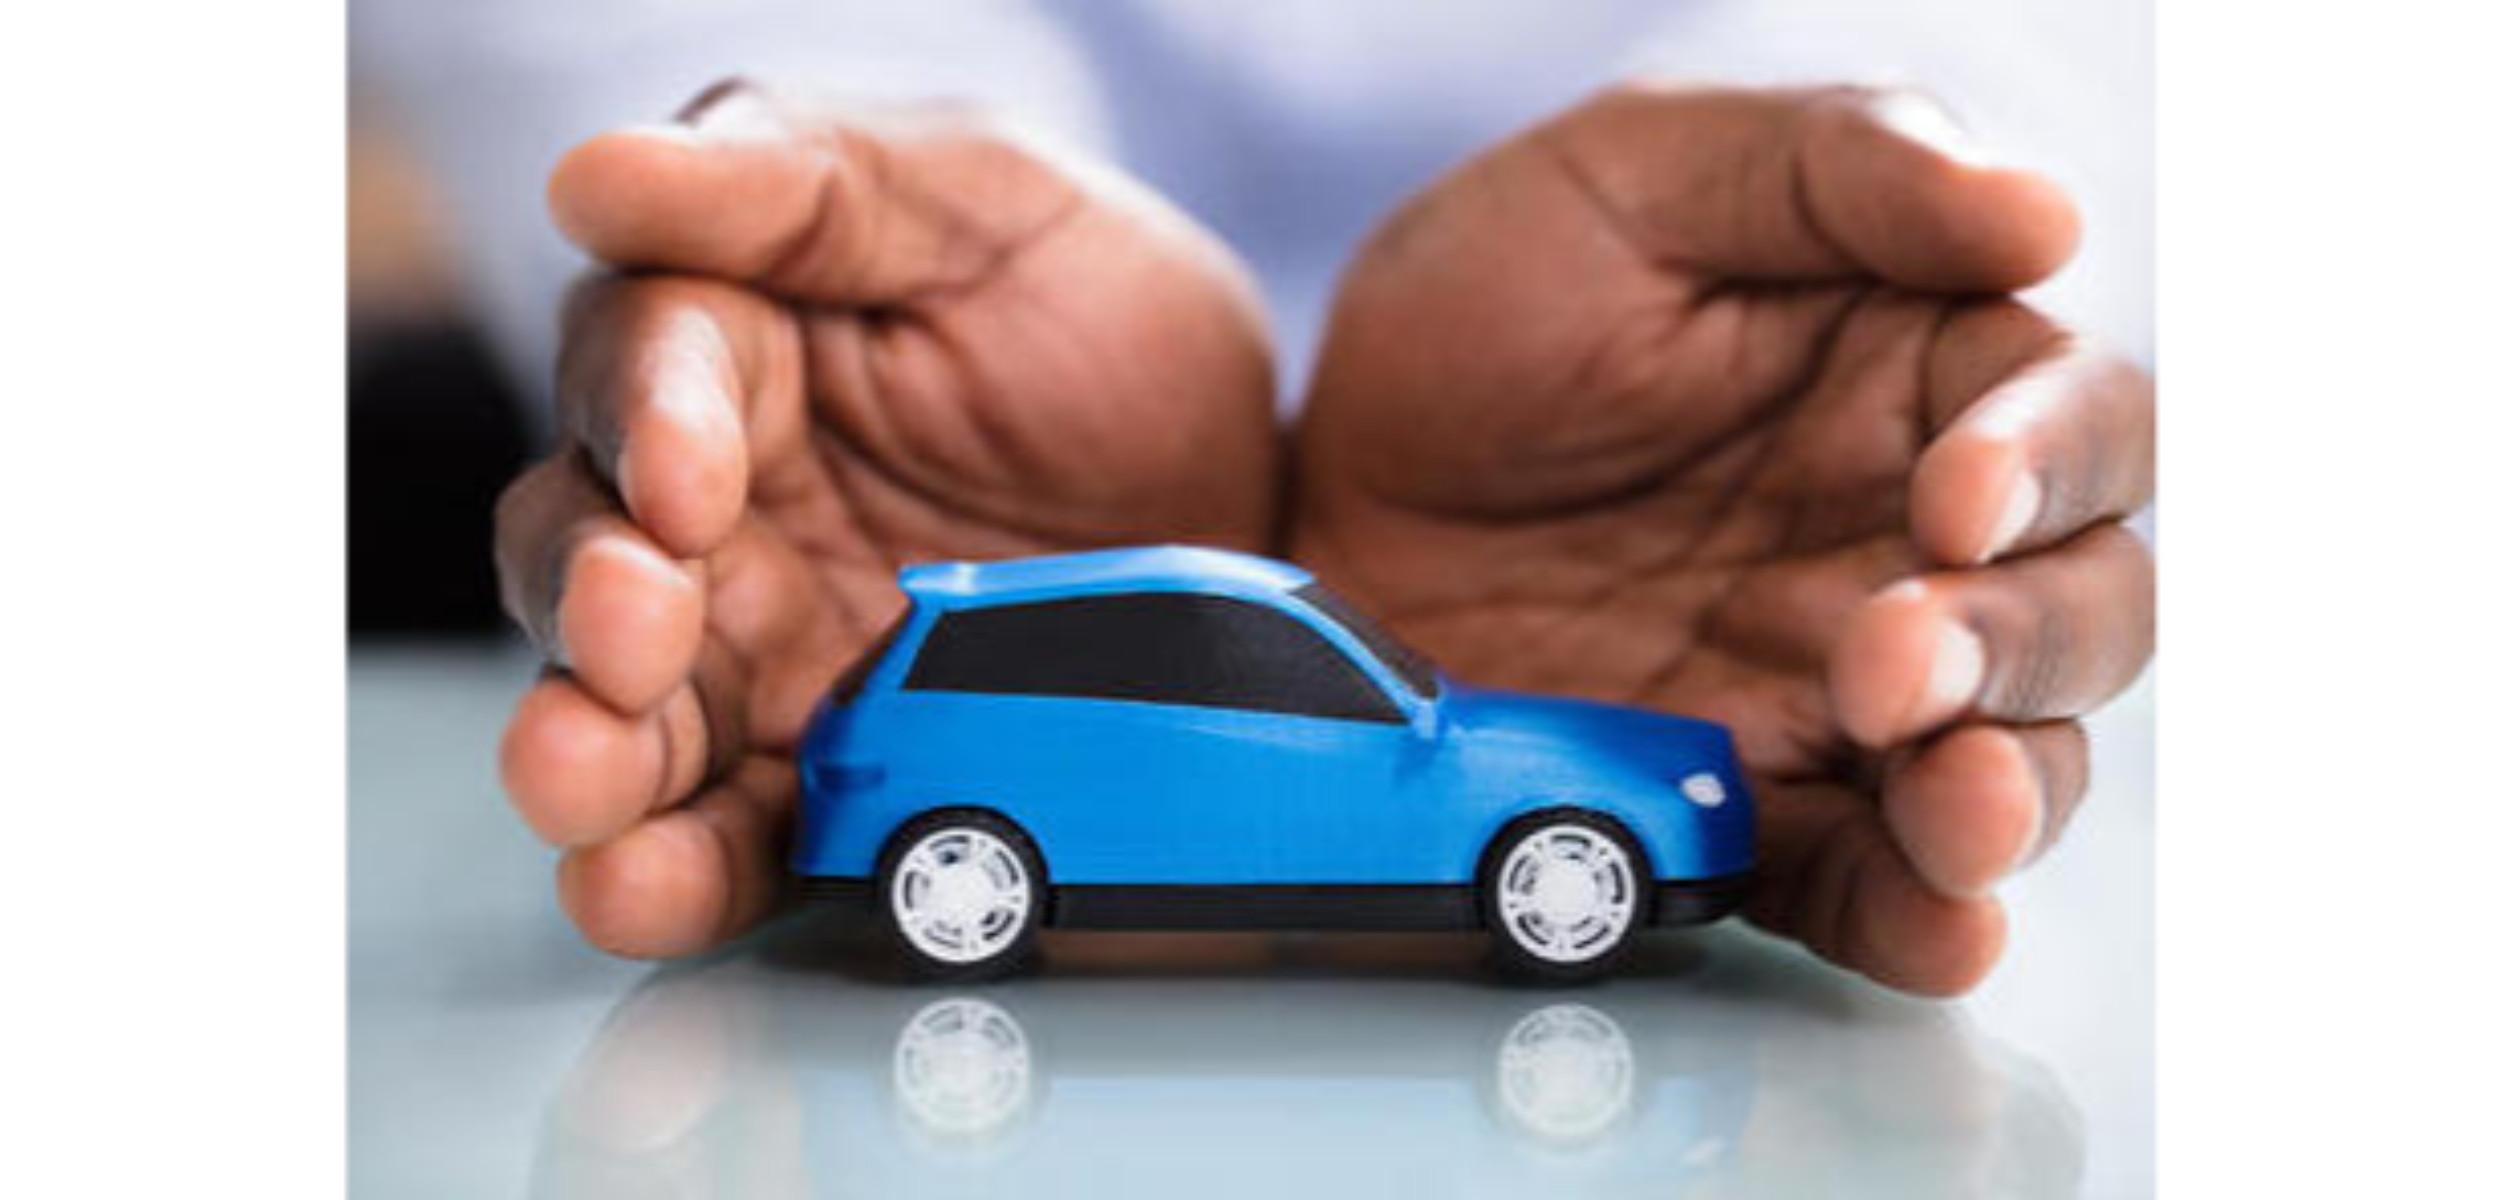 Assurance auto : pourquoi la France demande une assurance auto ?